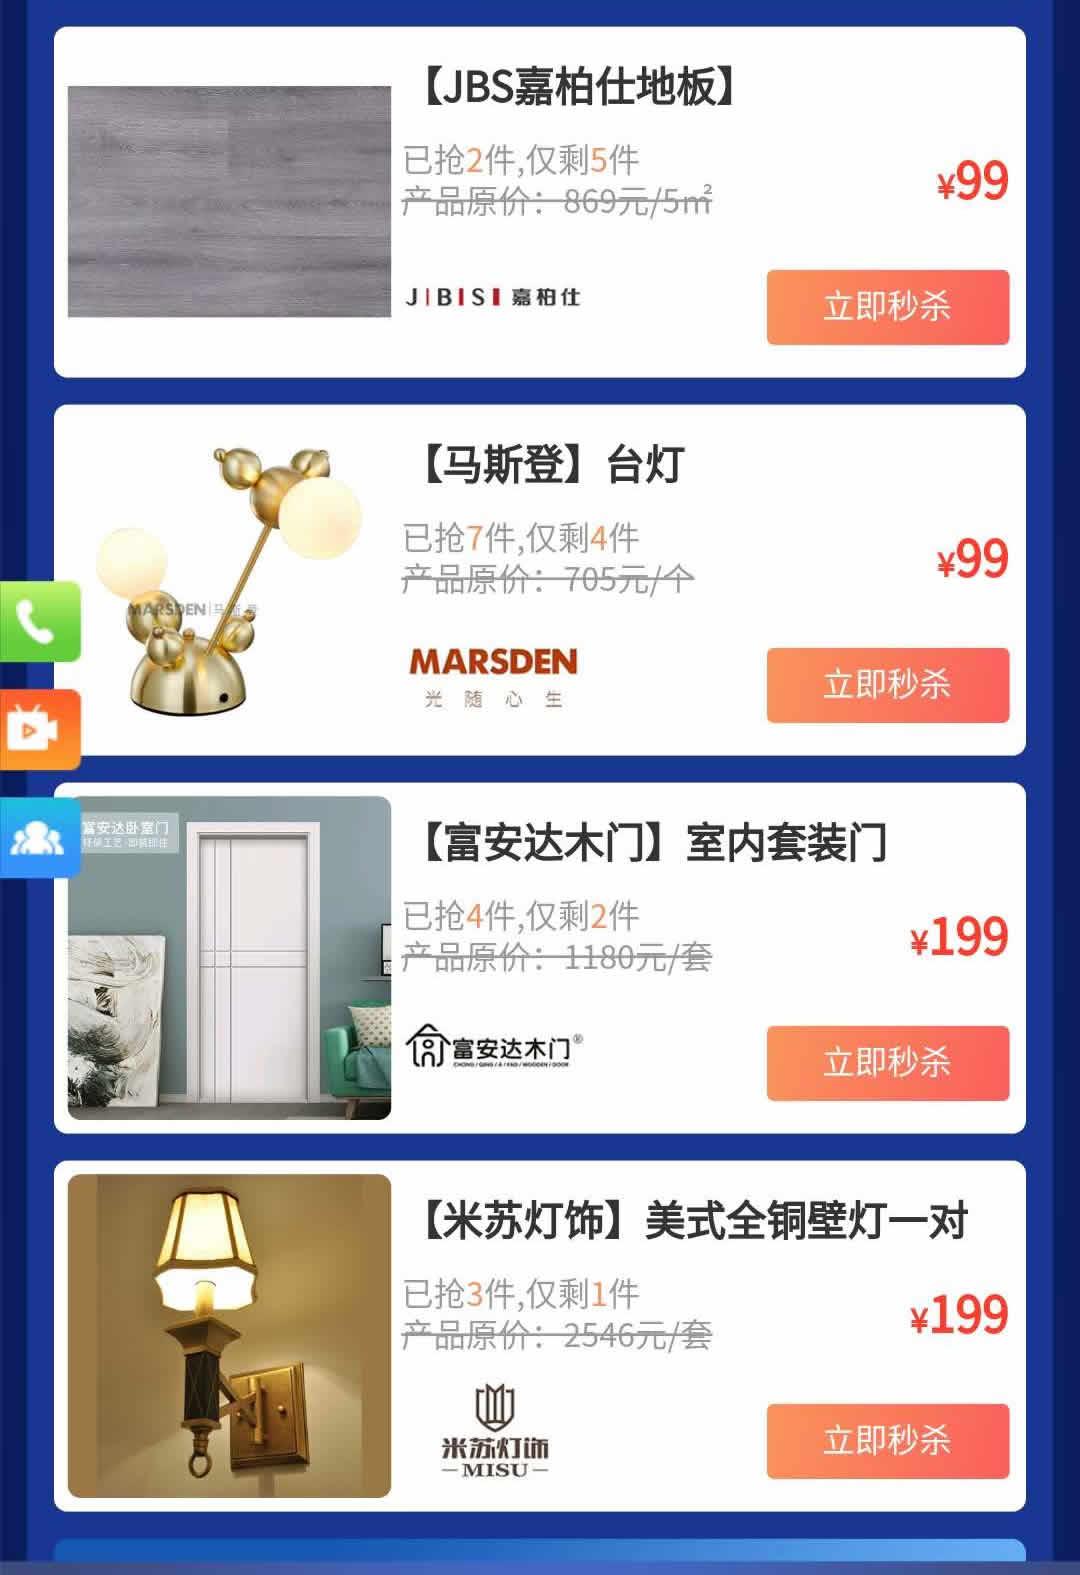 重庆4.27~28日重庆建玛特购直播家愽会,9.9元秒杀爆款,价格直降30-70%